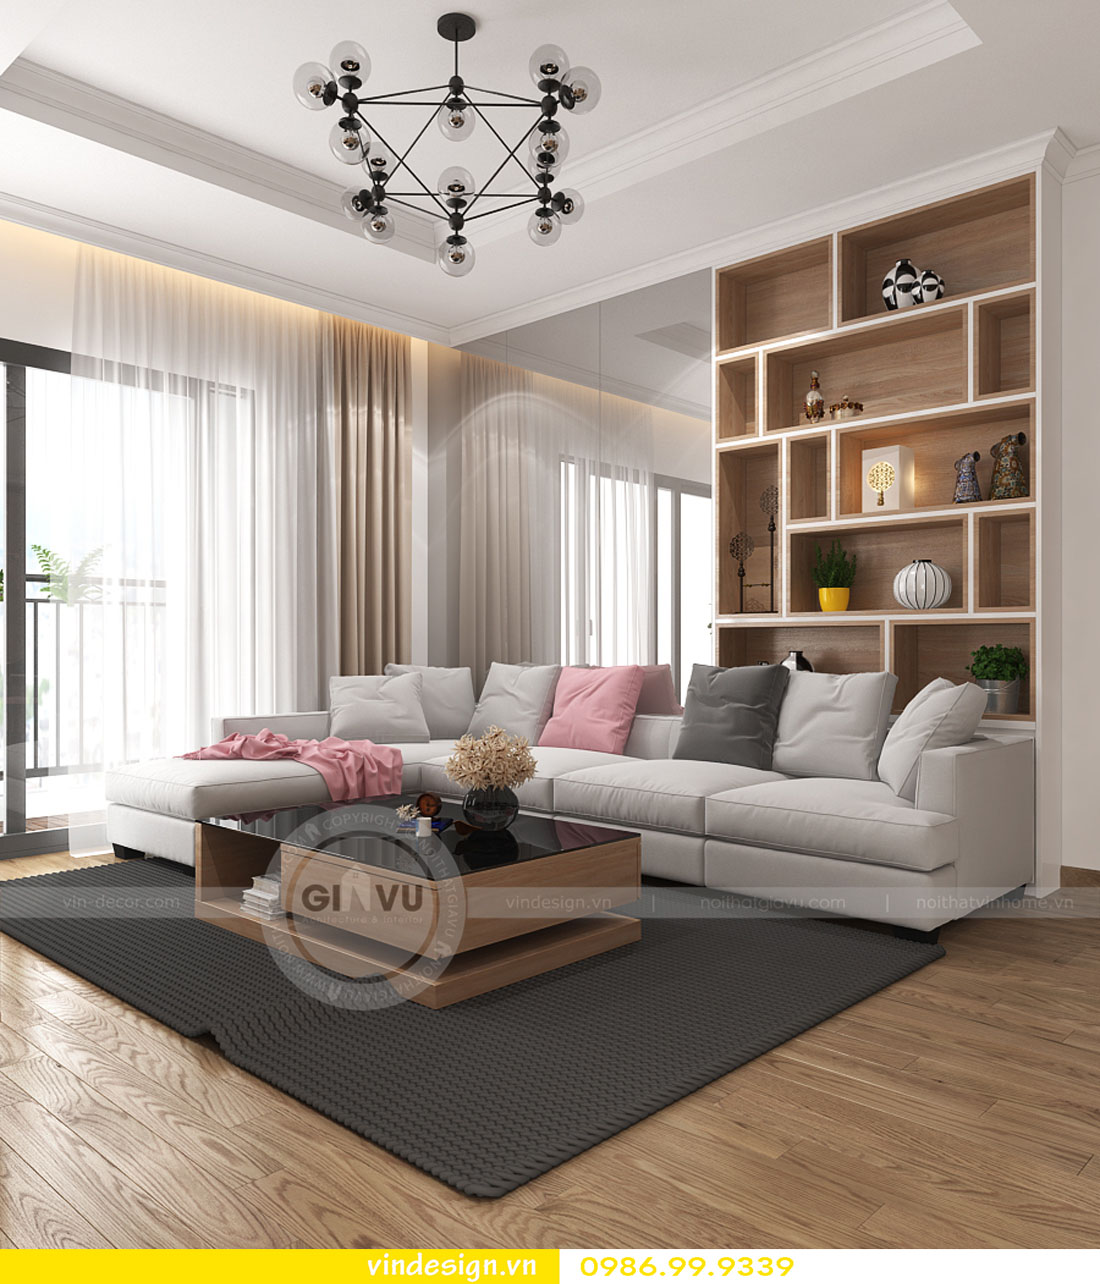 hoàn thiện nội thất chung cư Gardenia chỉ với 150 triệu 01